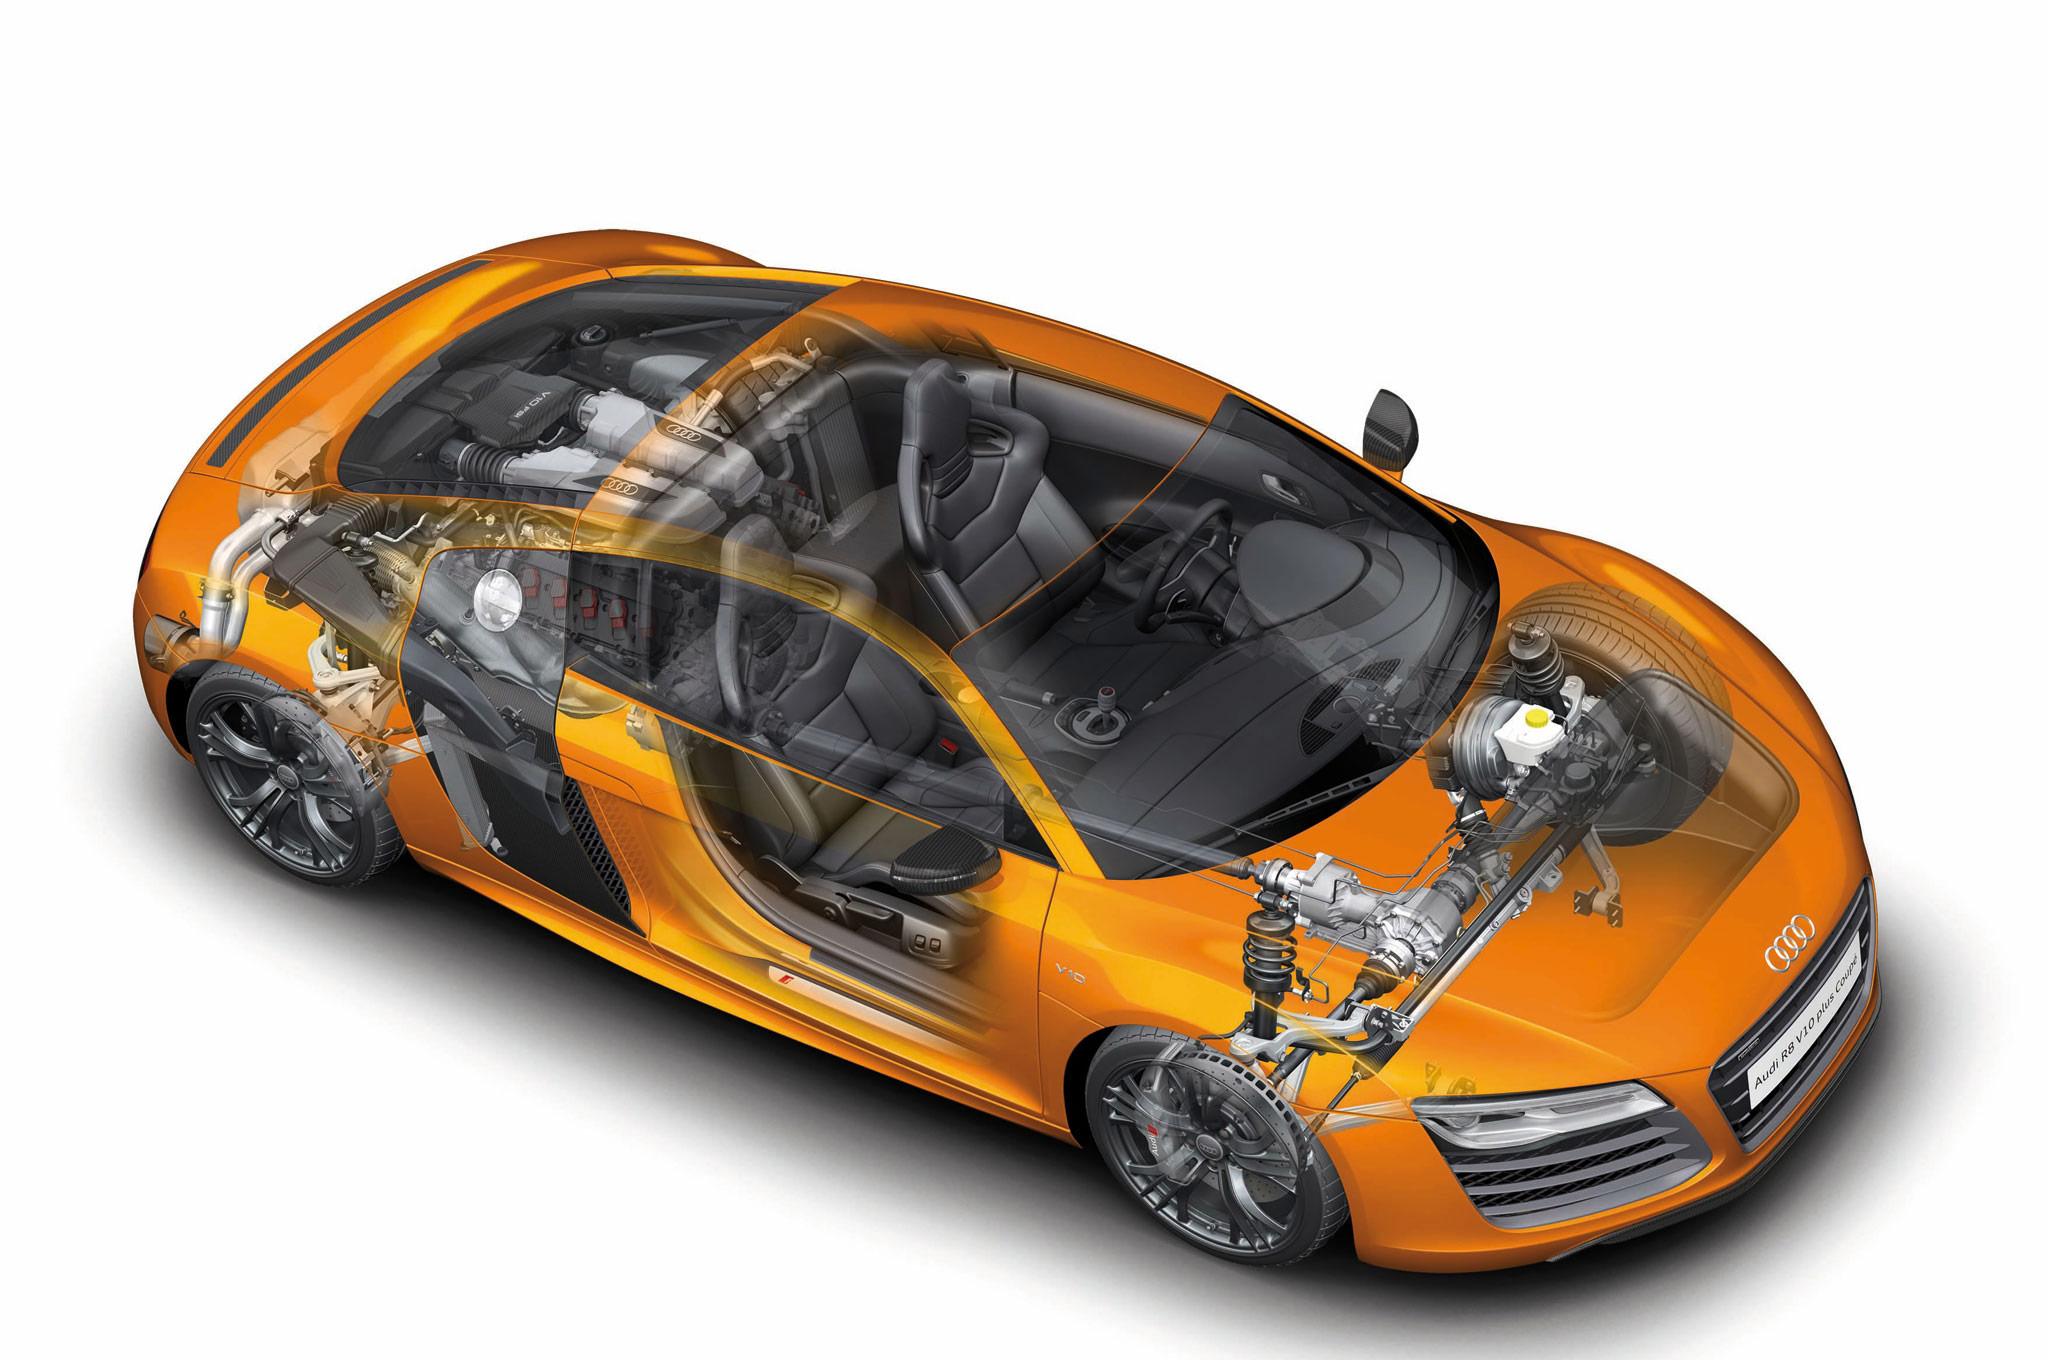 Audi R8 cutaway